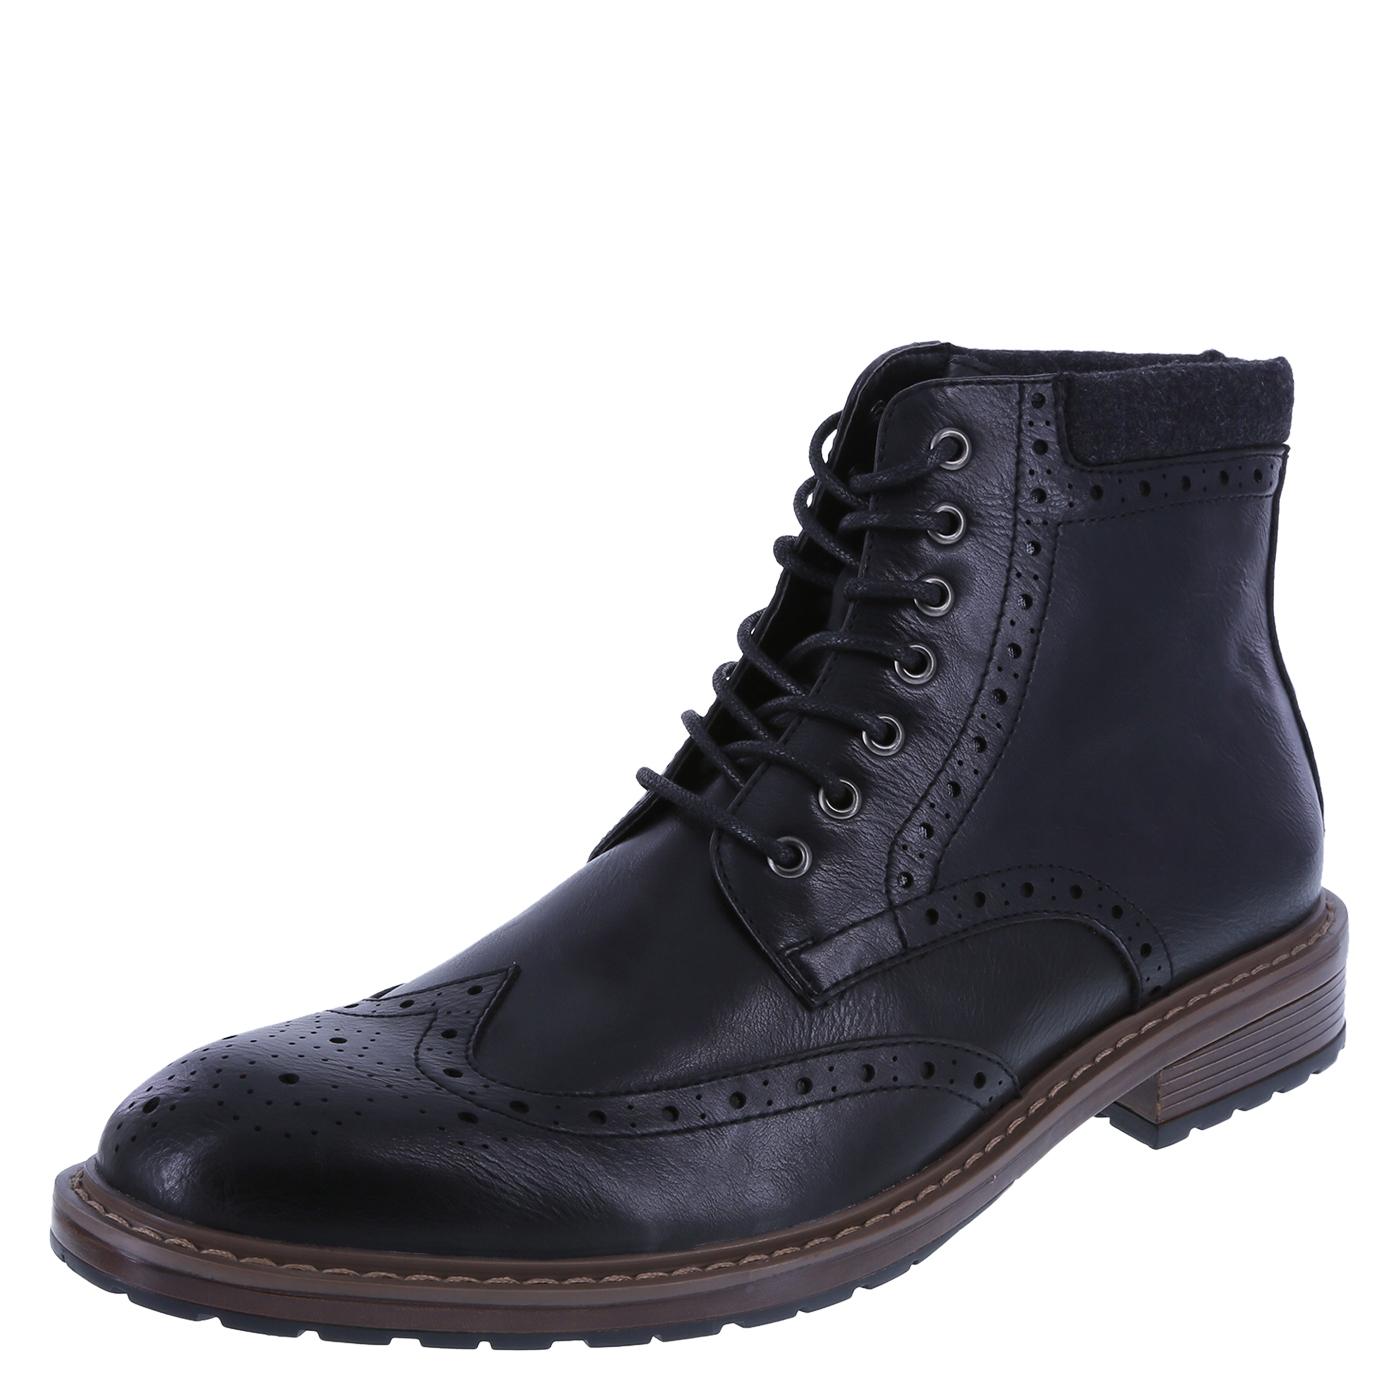 mens black boots menu0027s elliot brogue lug boot, black, hi-res ztiskft